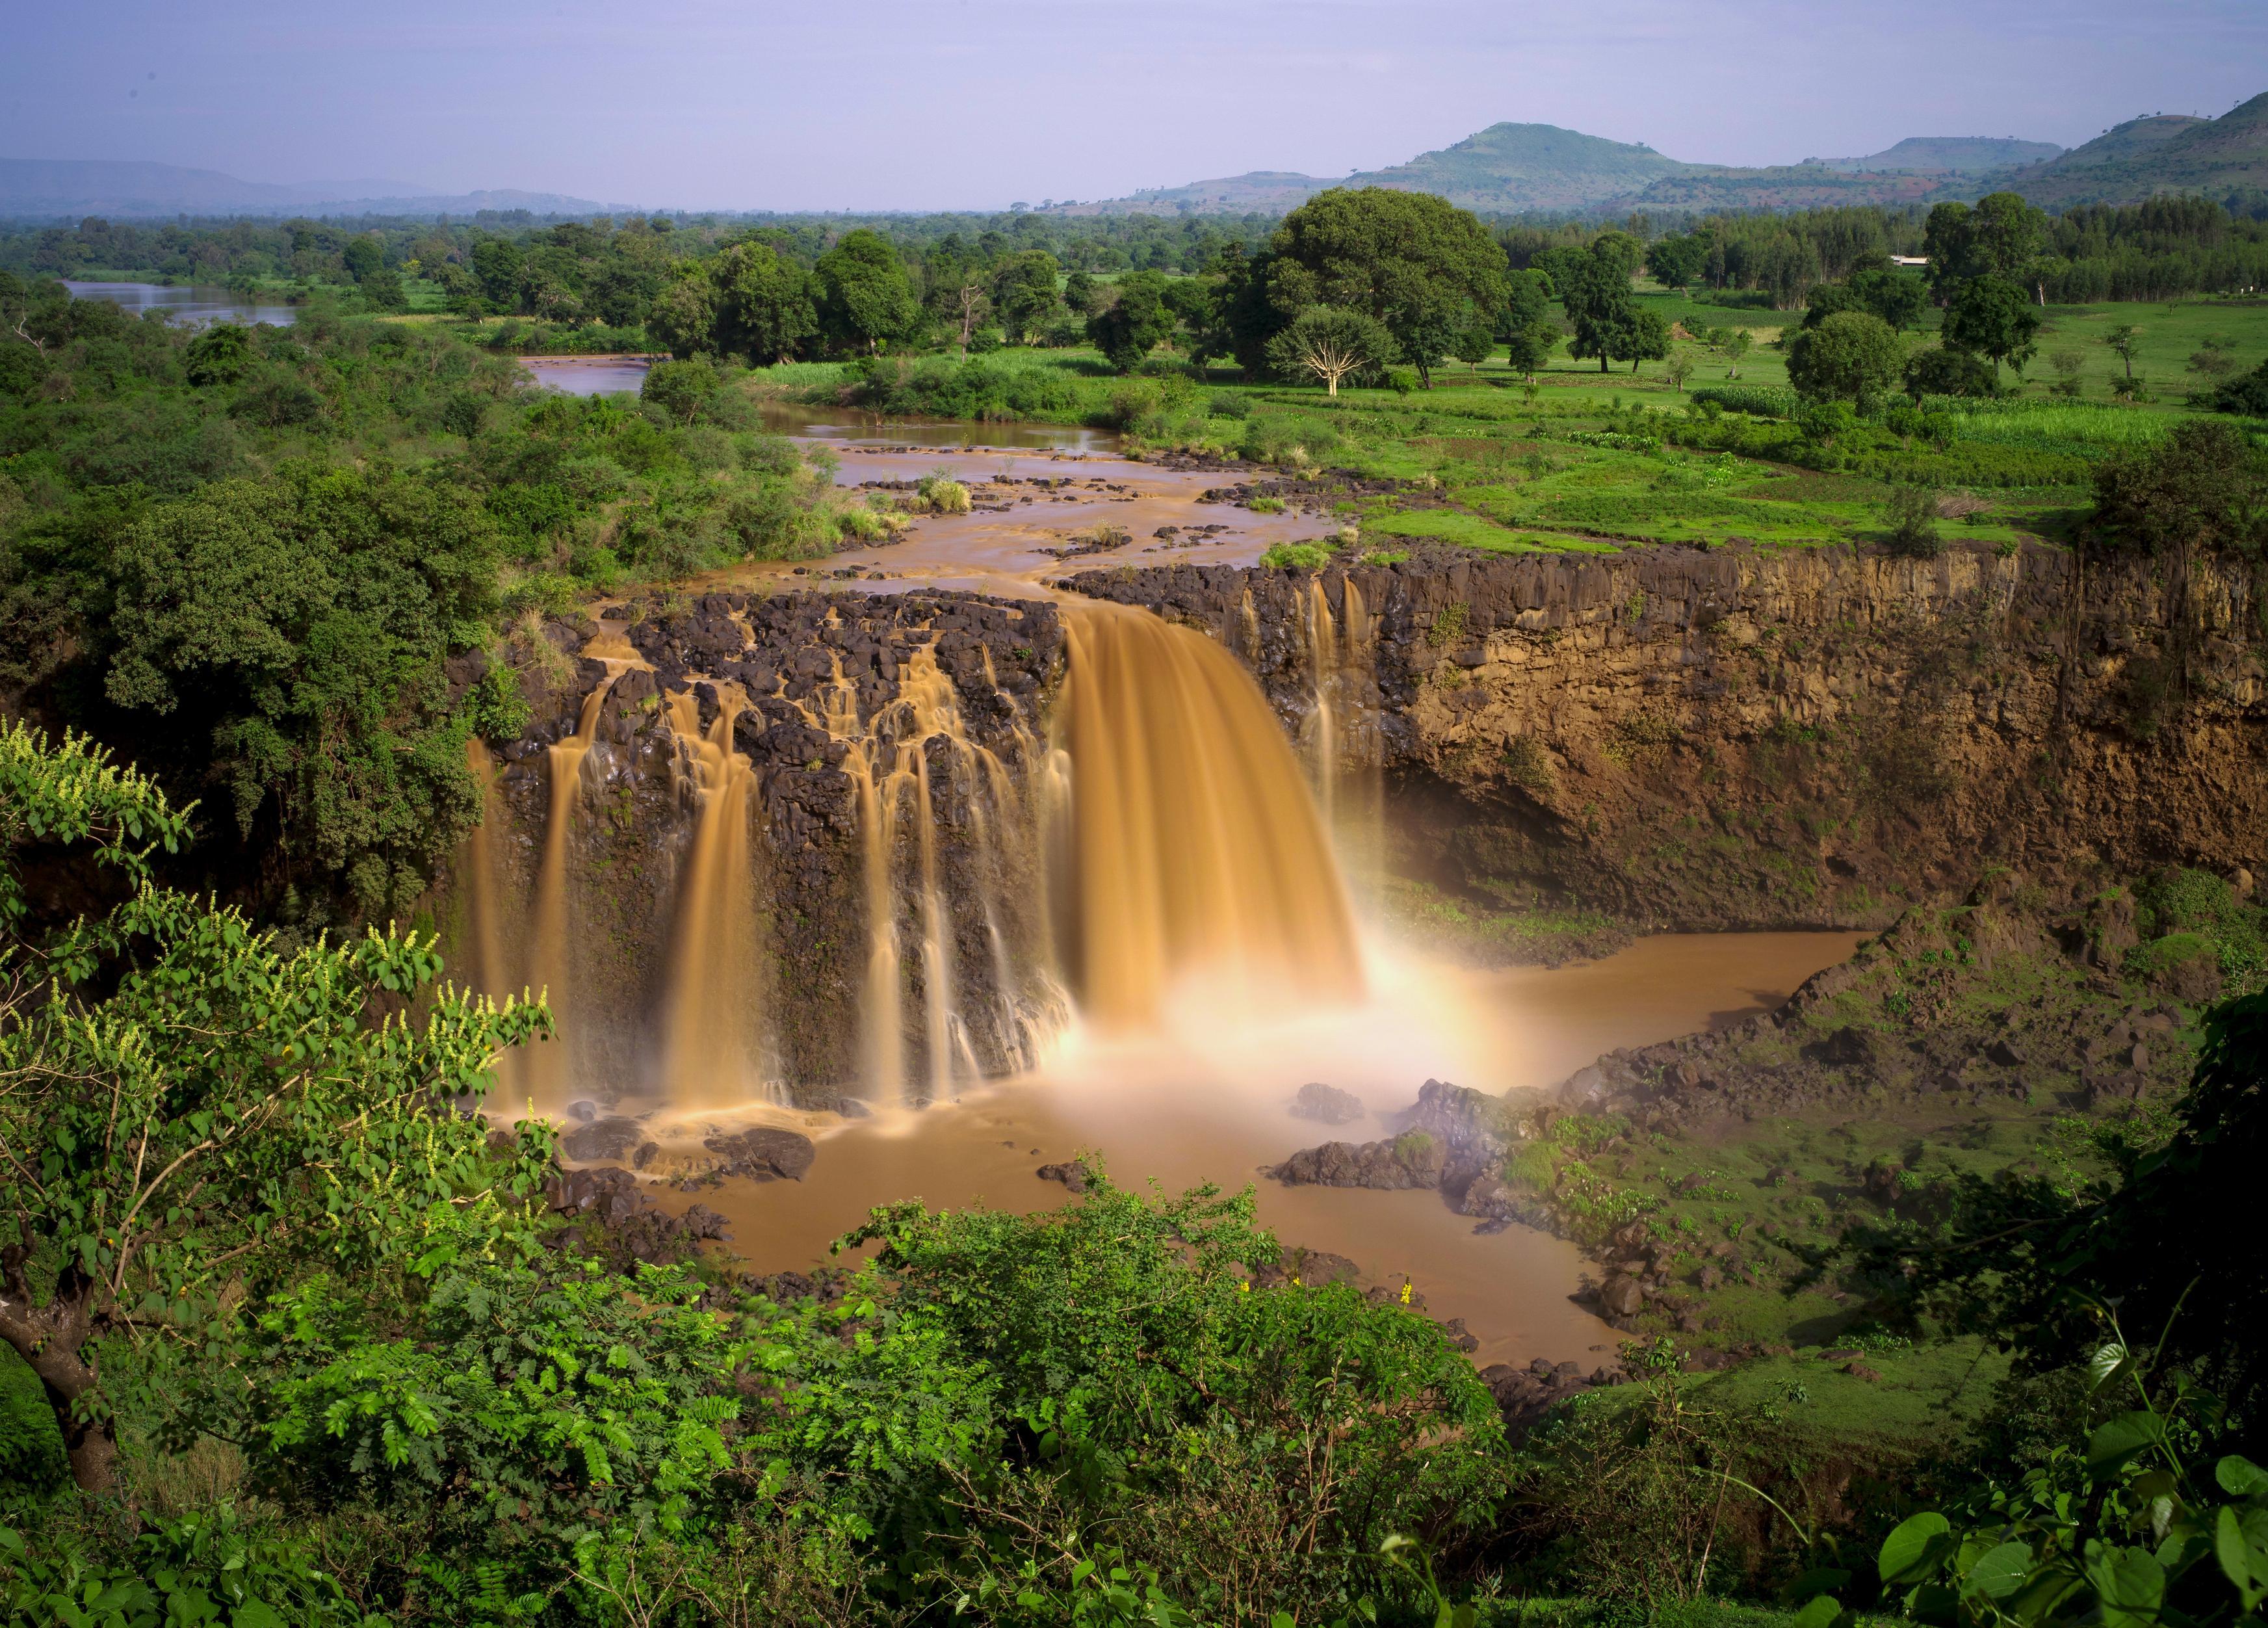 Les chutes du Nil Bleu qui prend naissance au lac Tana sur les hauts-plateaux d'Ethiopie. Il formera le Nil lors de sa confluence avec le Nil Blanc près de Khartoum au Soudan. Ce sont après celles de Victoria sur le Zambèze, les plus grandes chutes d'Afrique. Photo O.T.